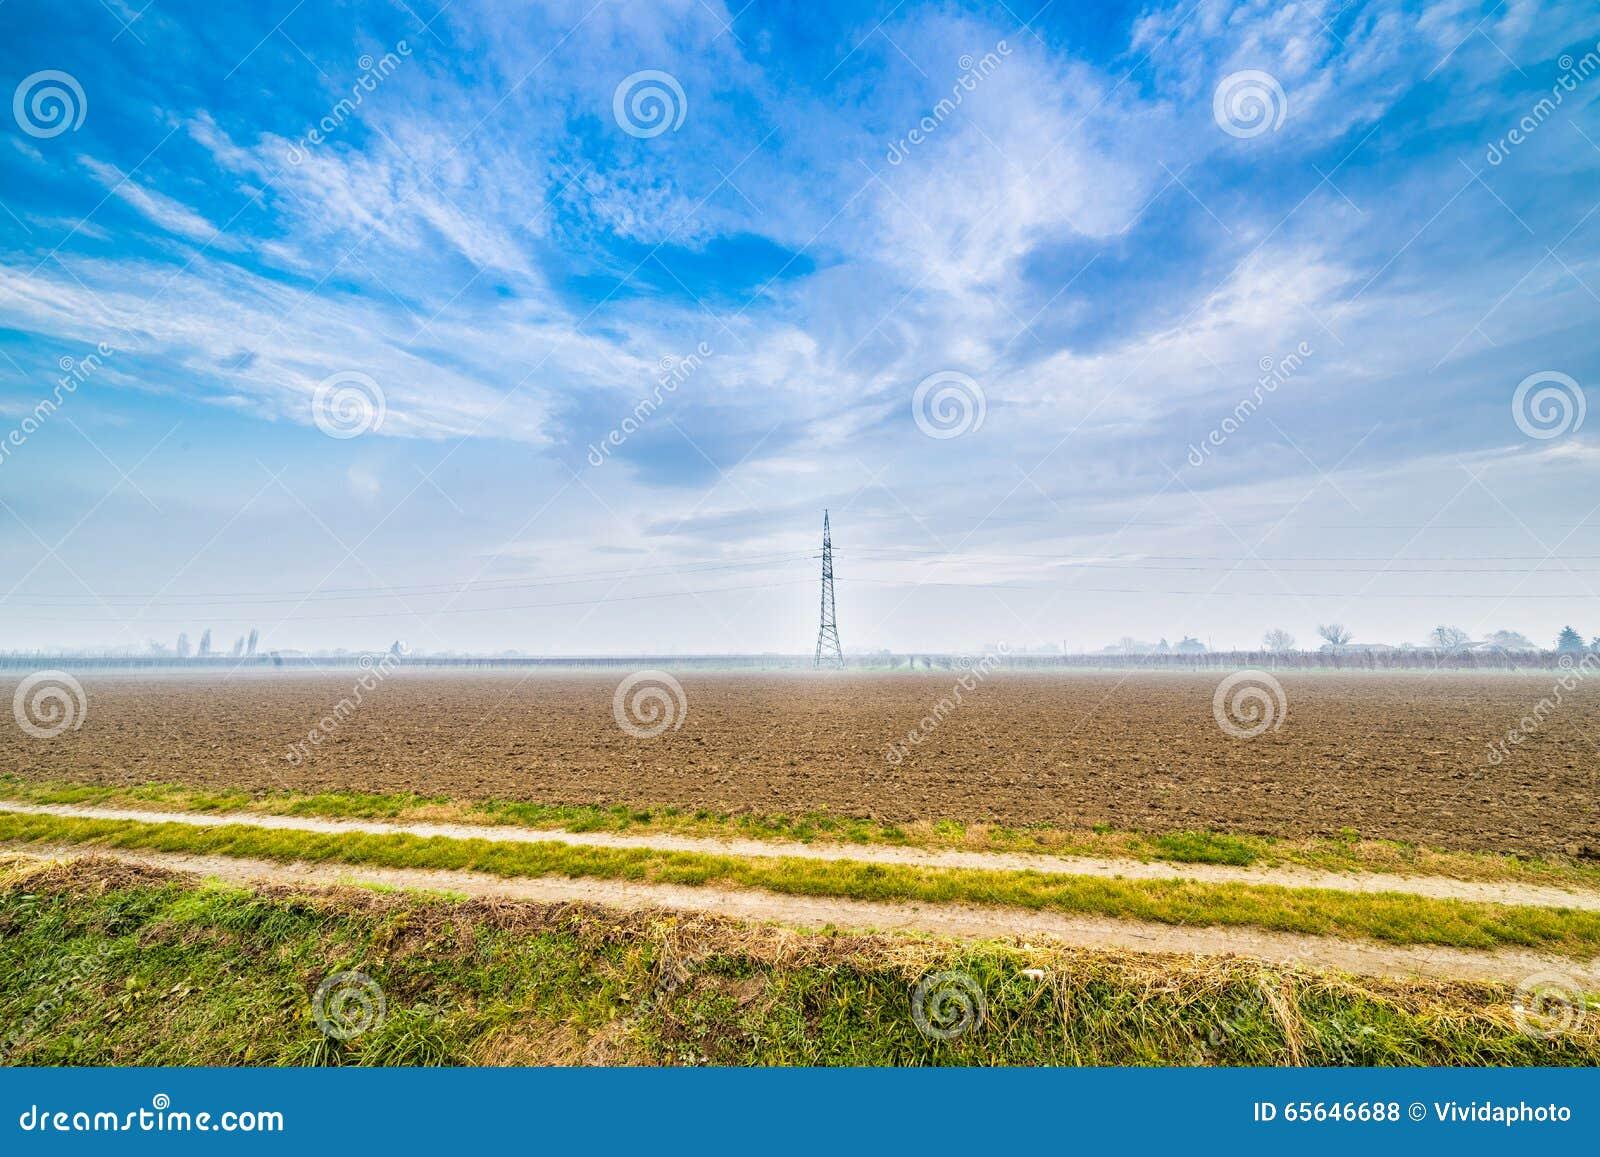 Un chemin de terre dans la campagne